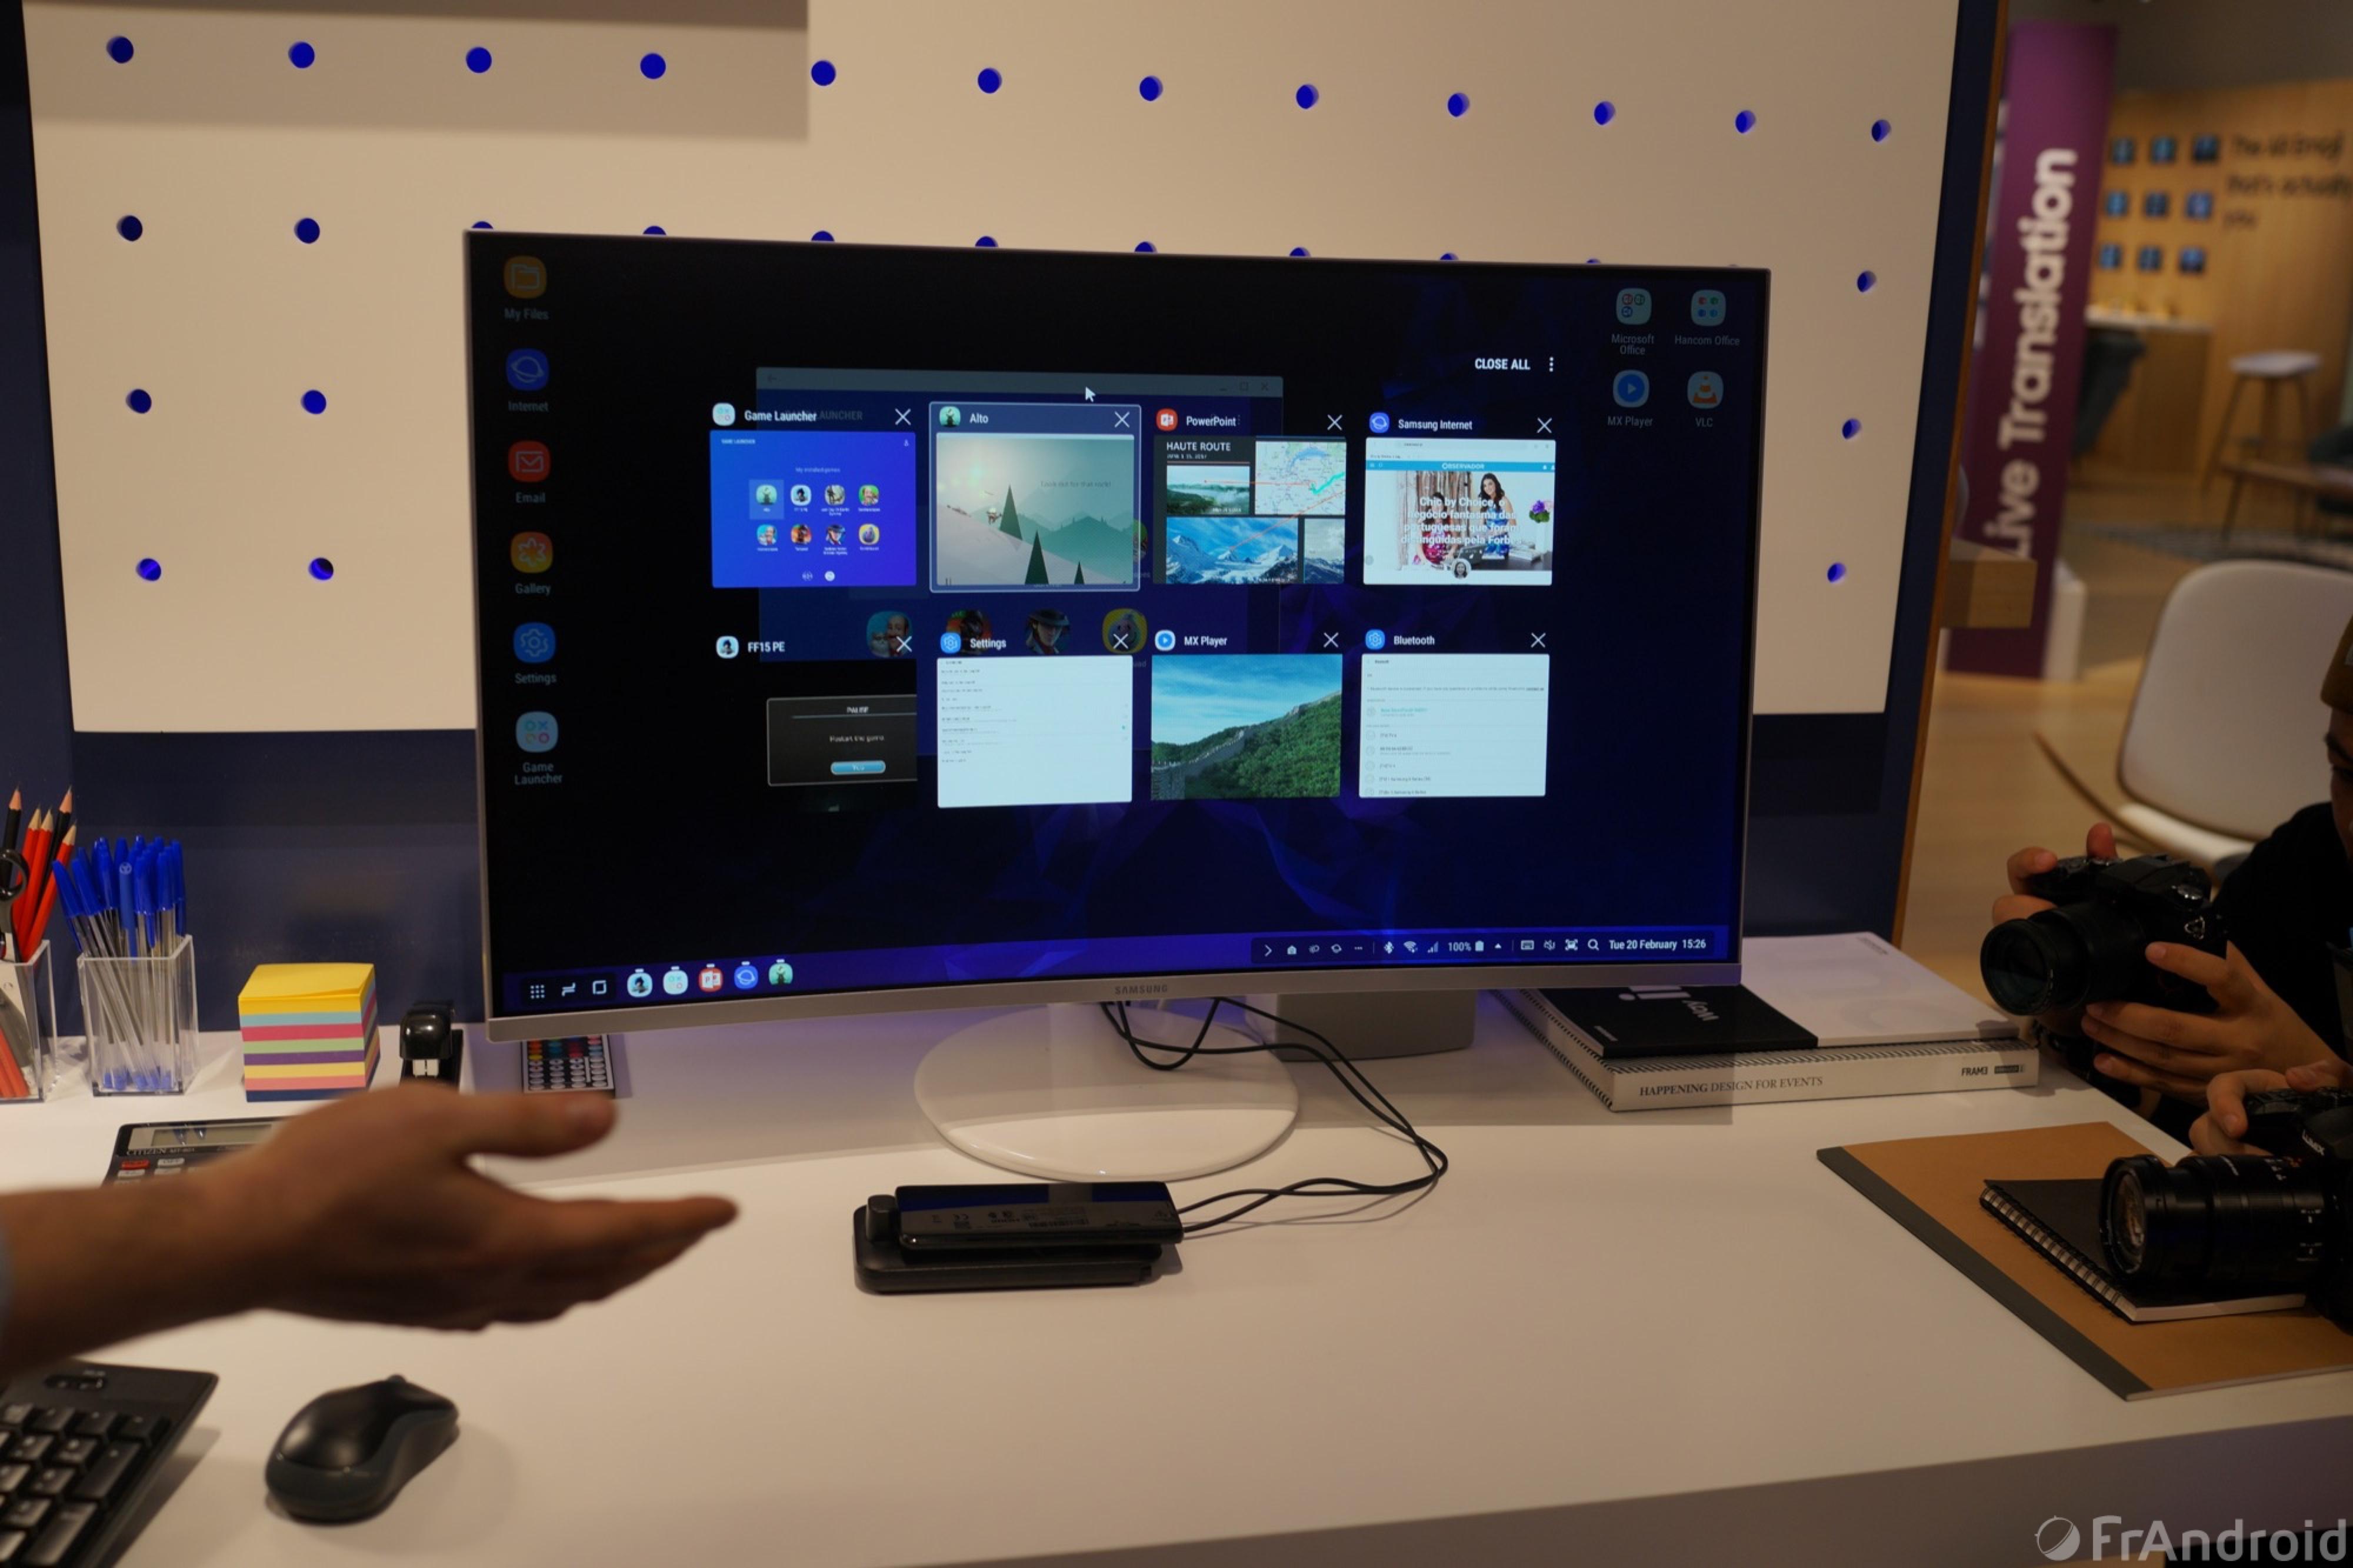 Galaxy S9 : Samsung DeX est revu, avec une nouvelle station d'accueil et de nouvelles fonctions